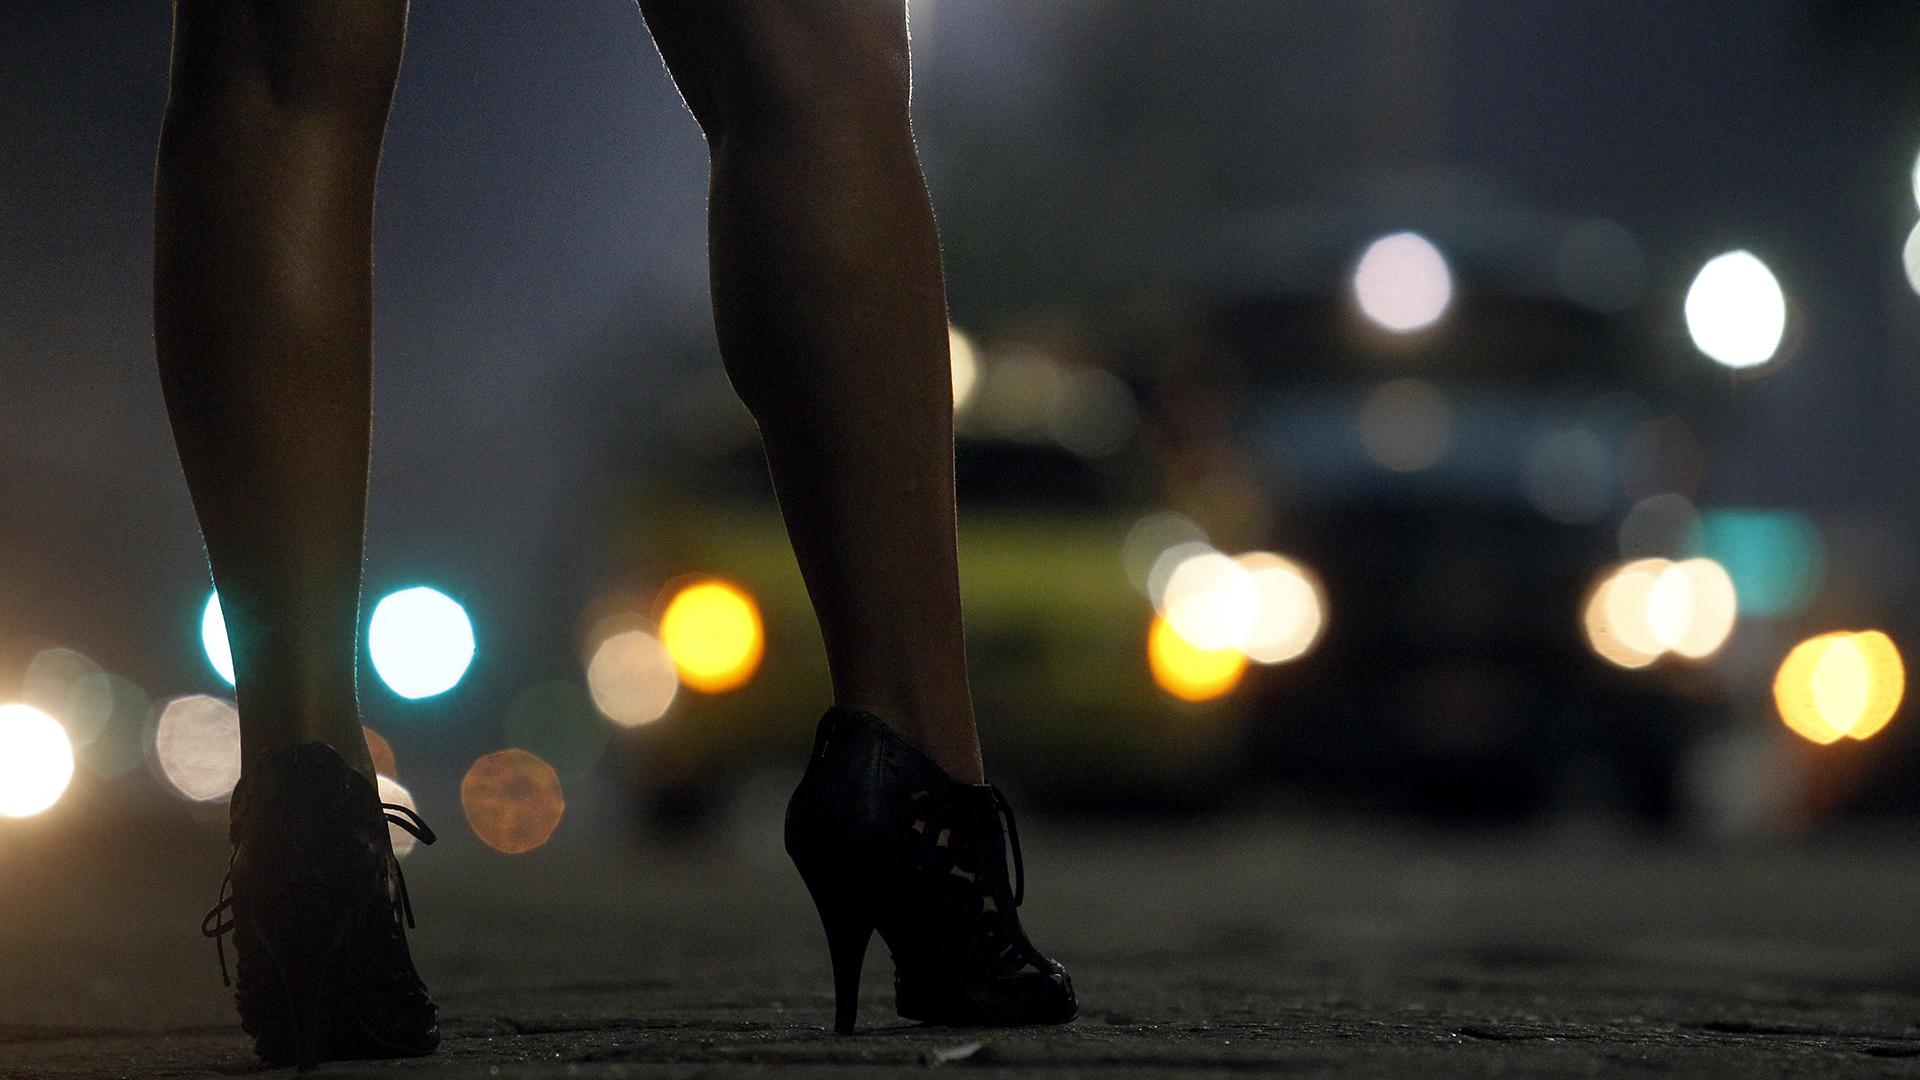 Cómo prefieren ser llamadas las trabajadoras sexuales - Infobae